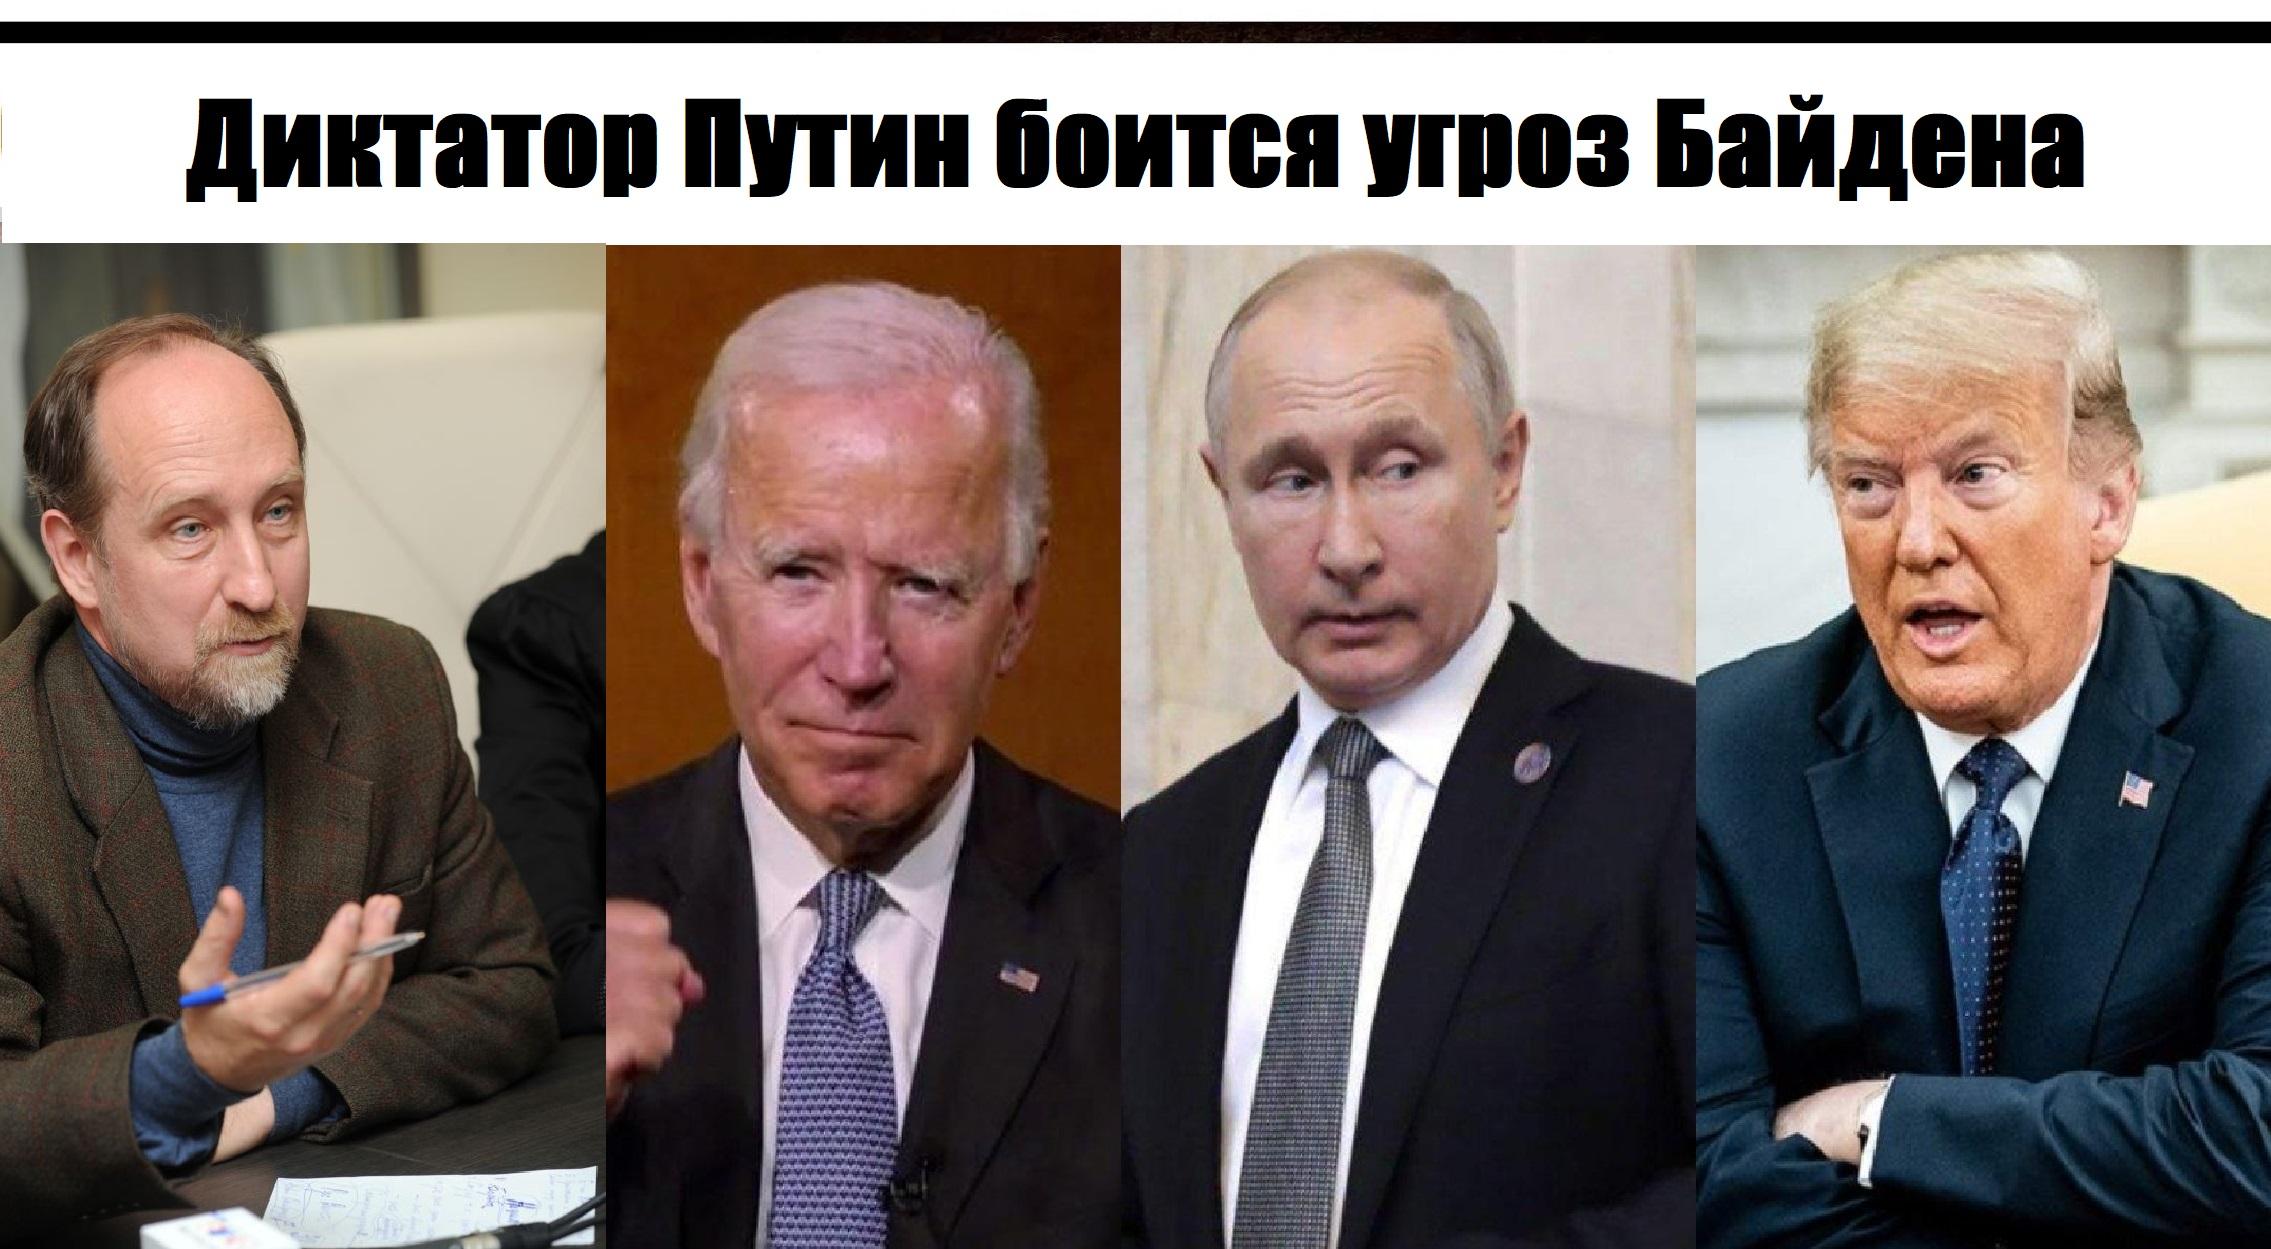 Байден обещал устроить Путину